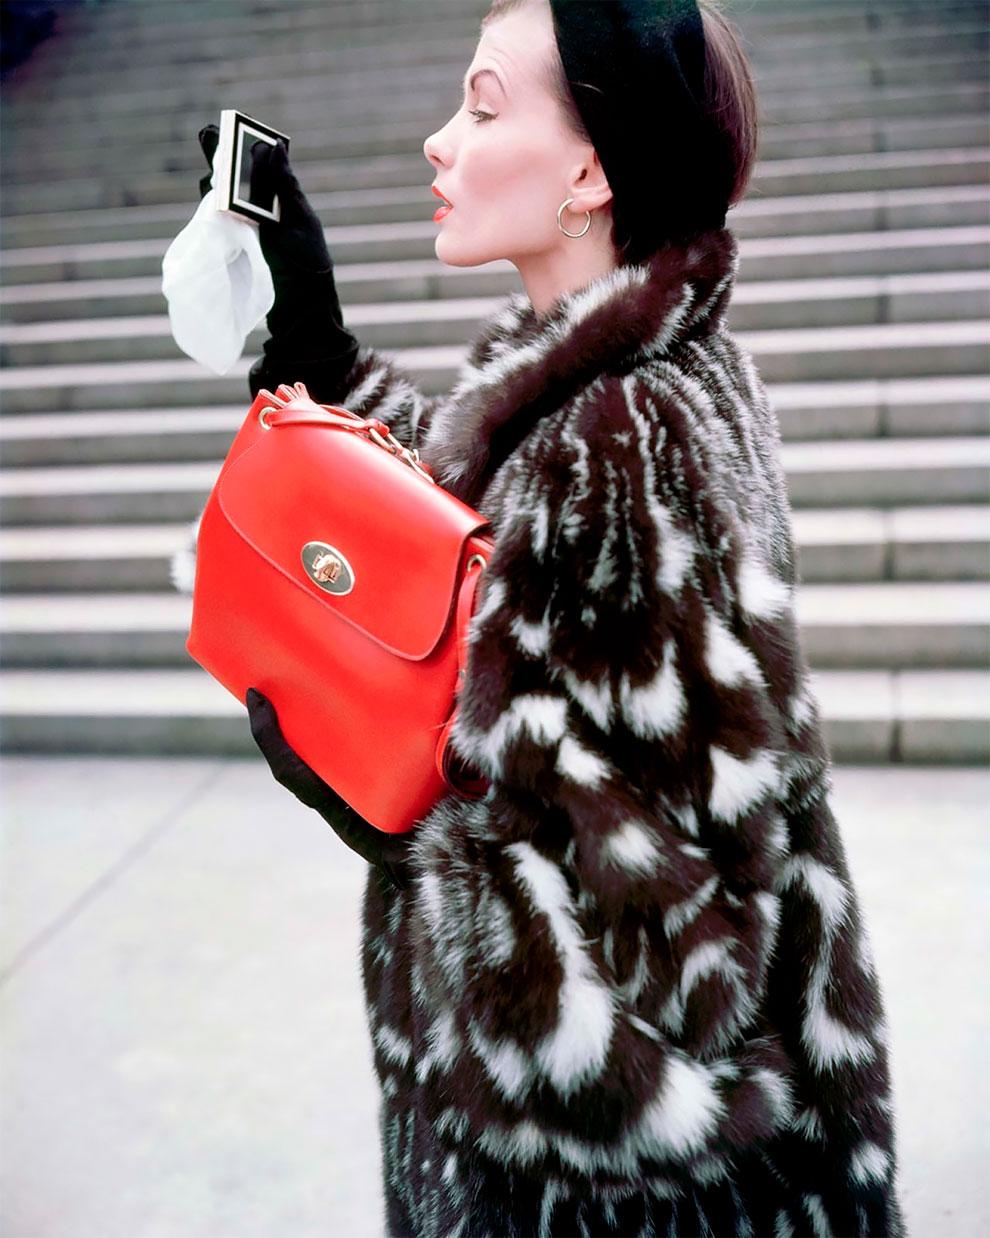 В потрясающих цветах фото Женевьевы Нейлор, 1945-1959 (2).jpg